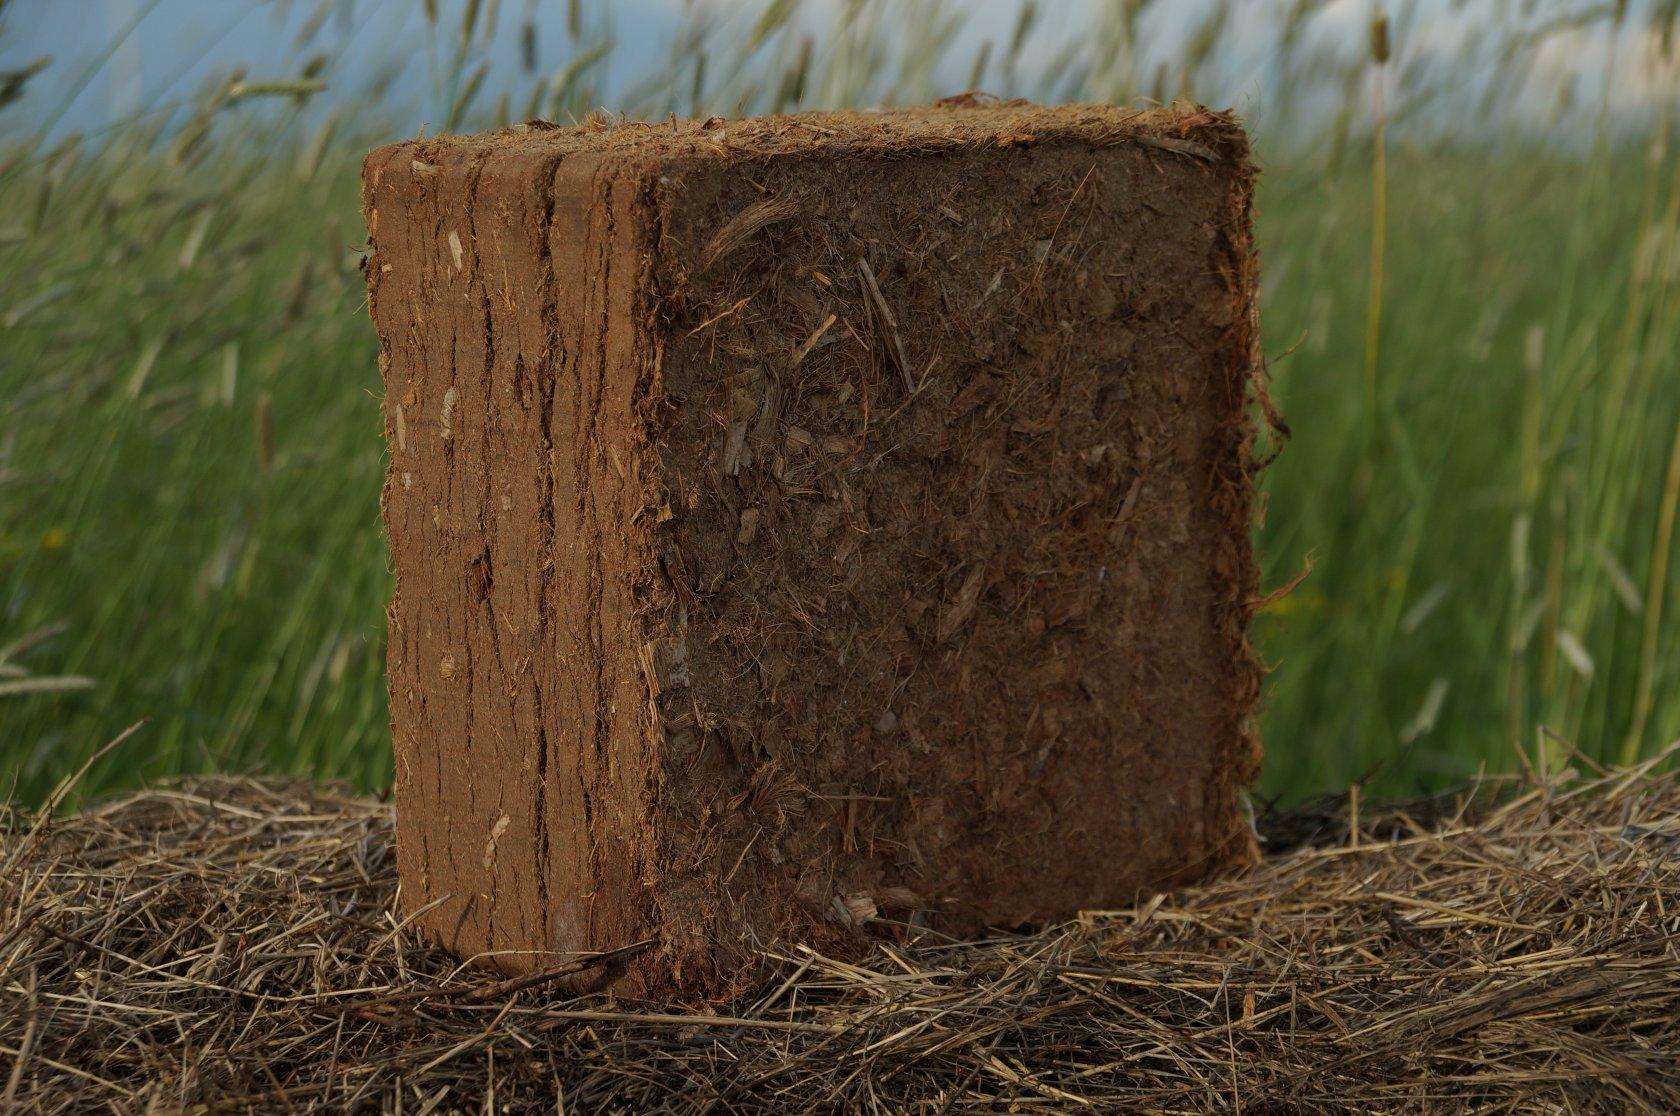 Использование кокосового субстрата минимизирует возможные риски для растений